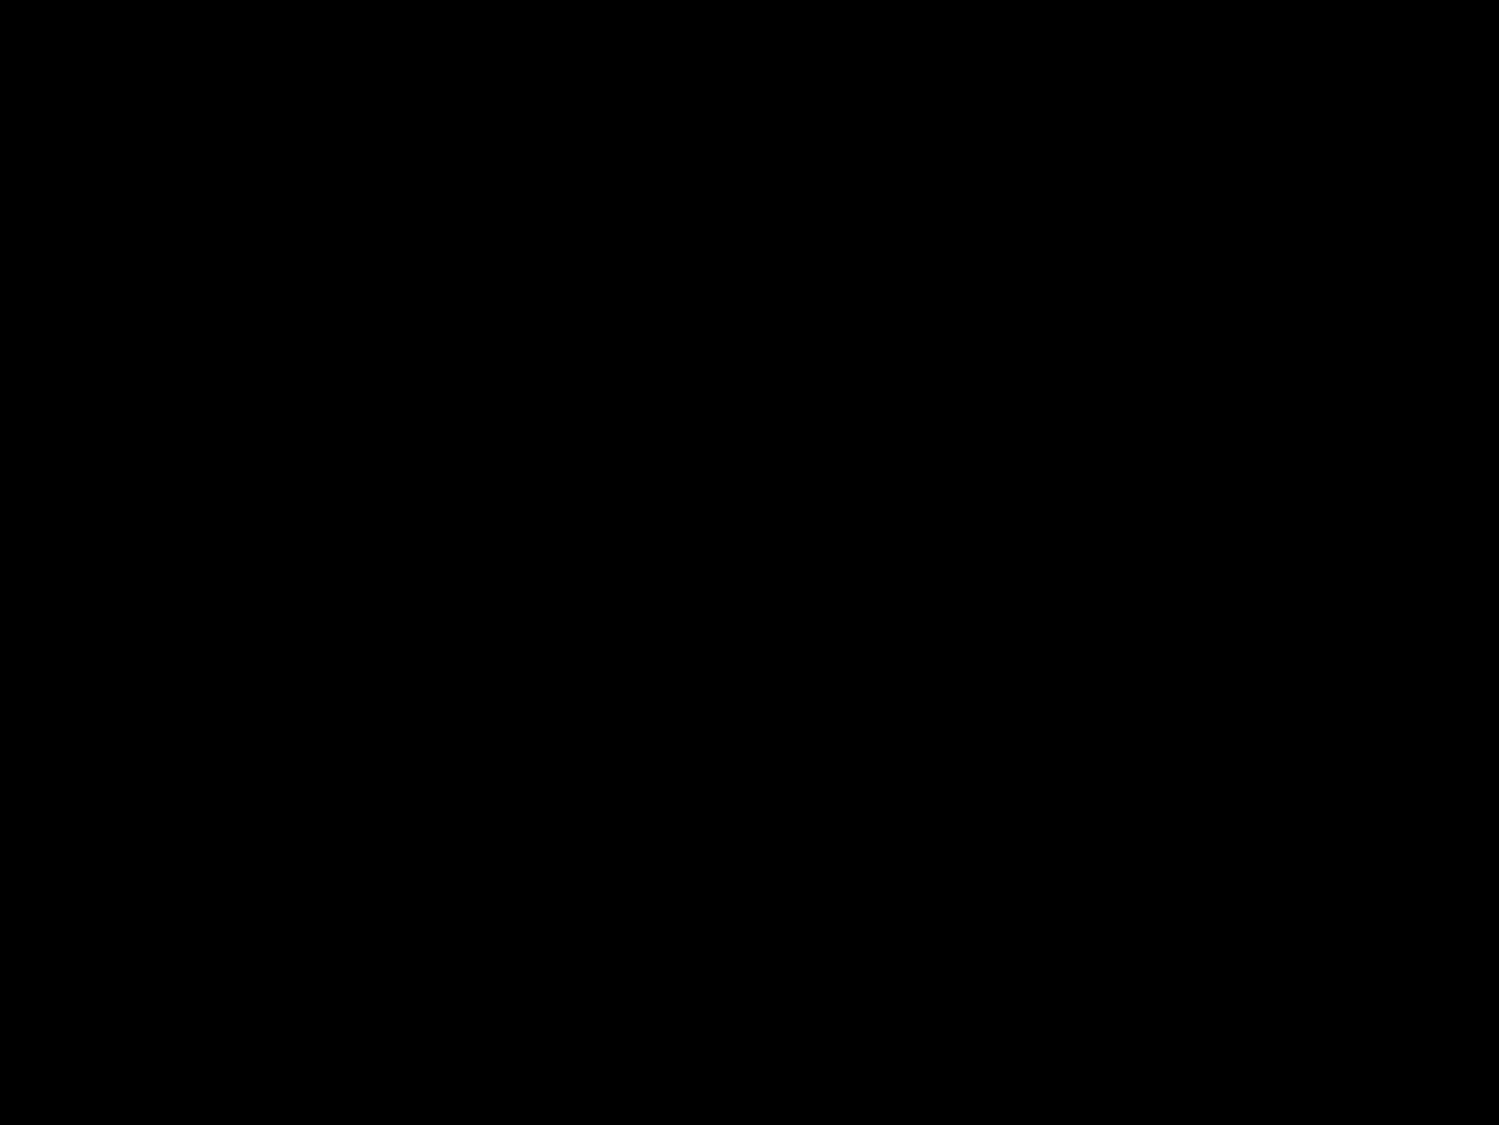 CNC-Drehmaschine Excel SL 500 / 1500 – 04-02-092